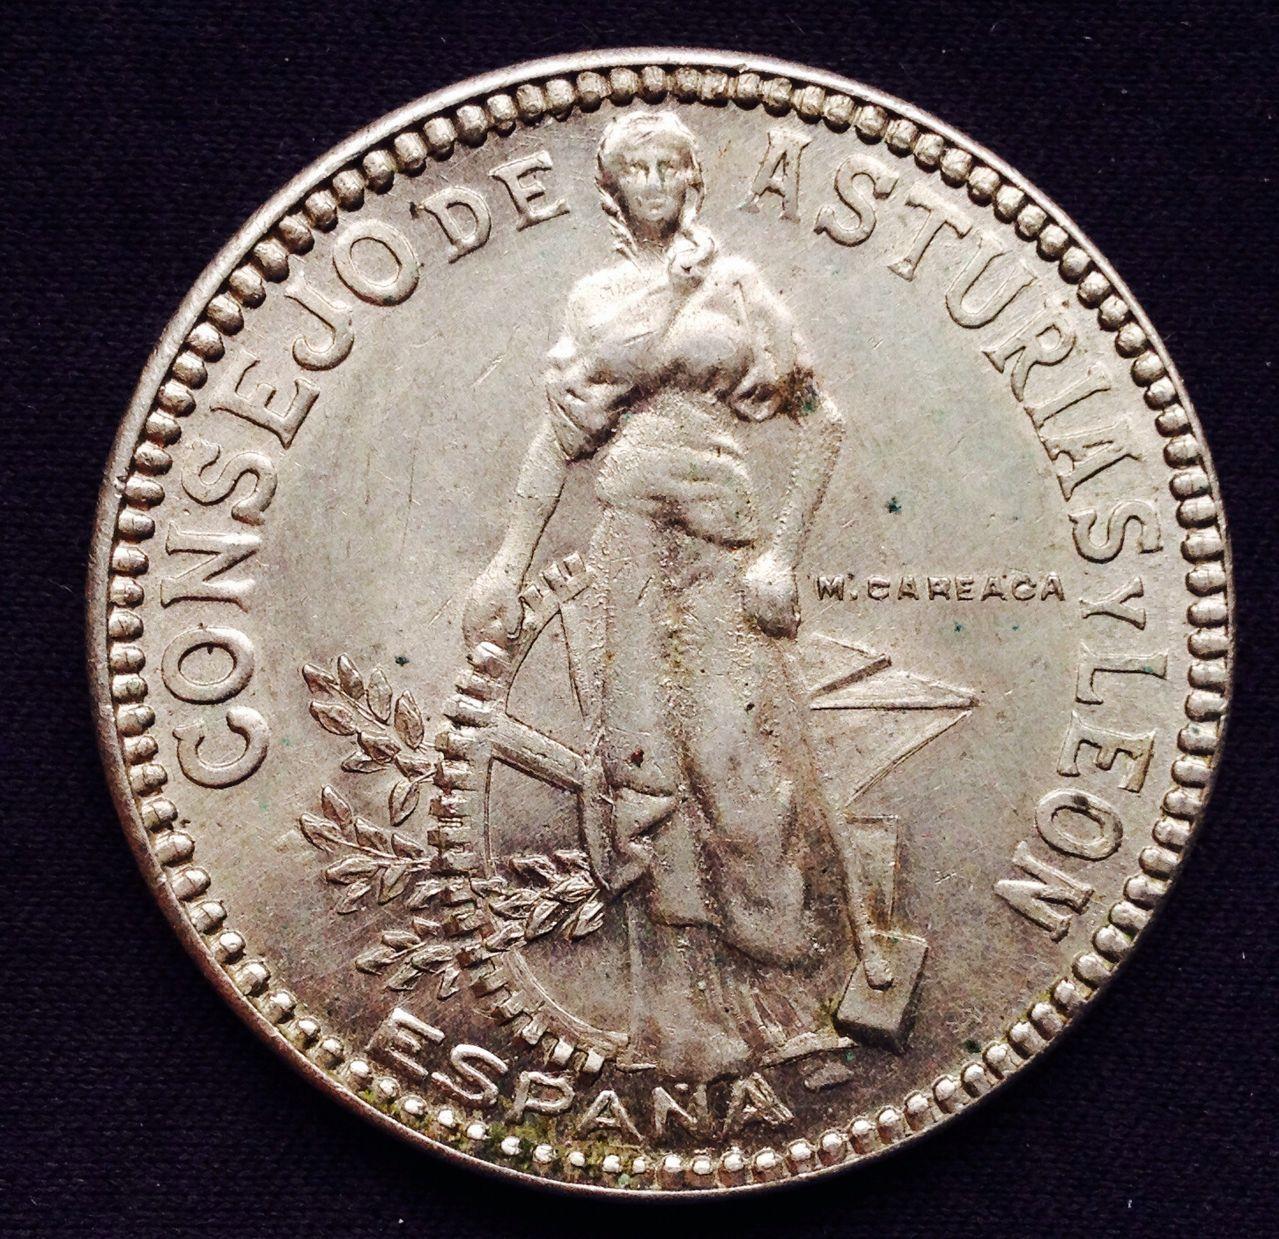 2 pesetas 1937 Consejo de Asturias y León- Tristán dedit Image